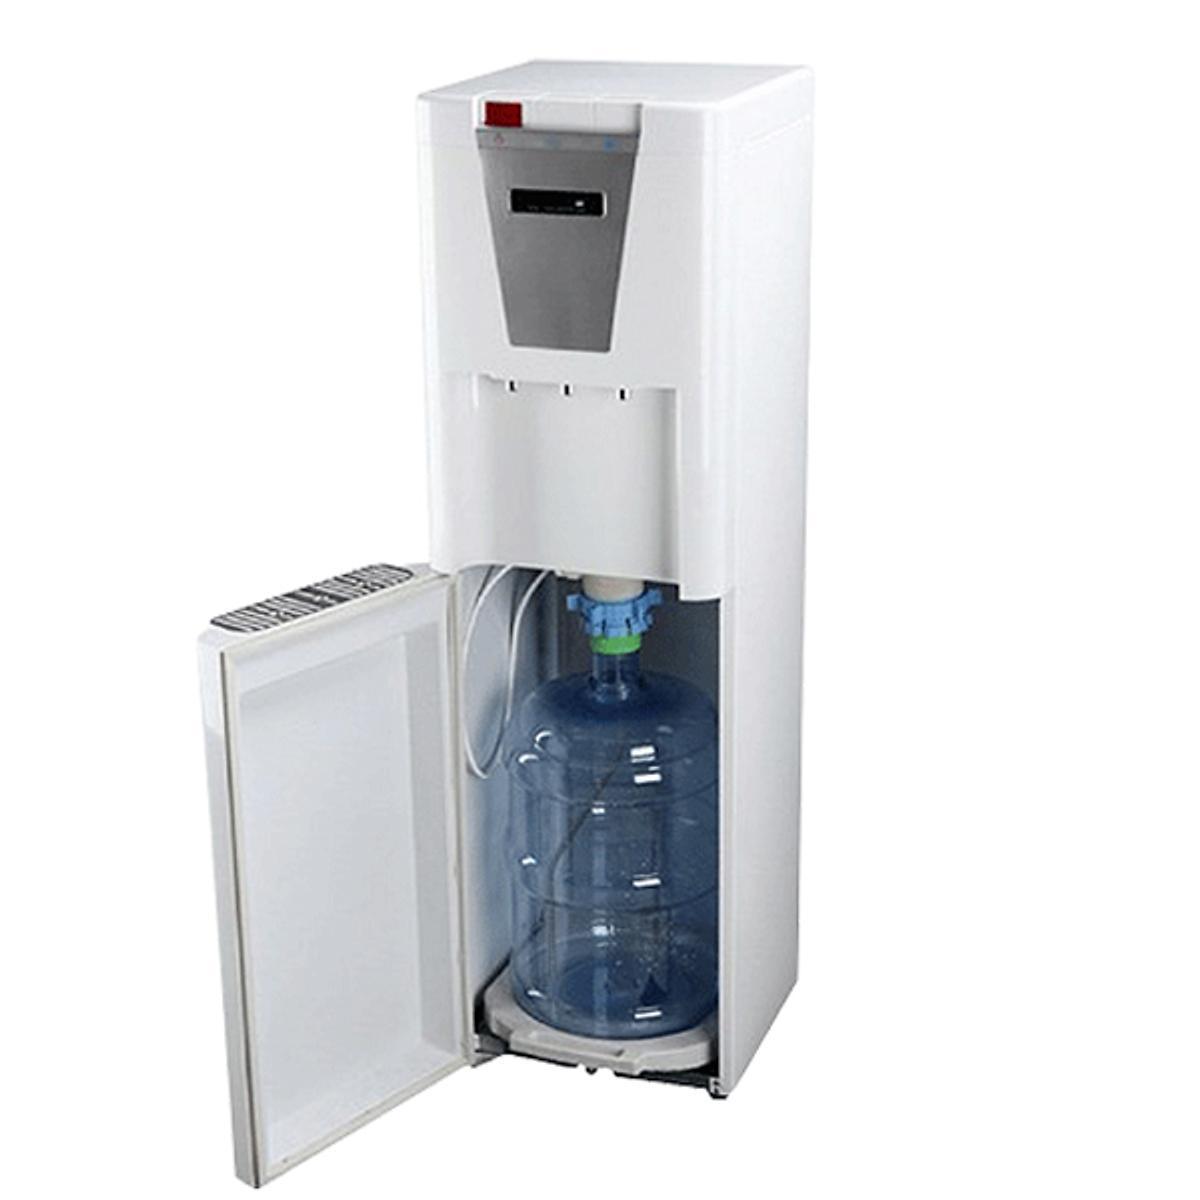 Cây nước nóng lạnh Model NL - 288 (màu trắng xám, trắng xanh)